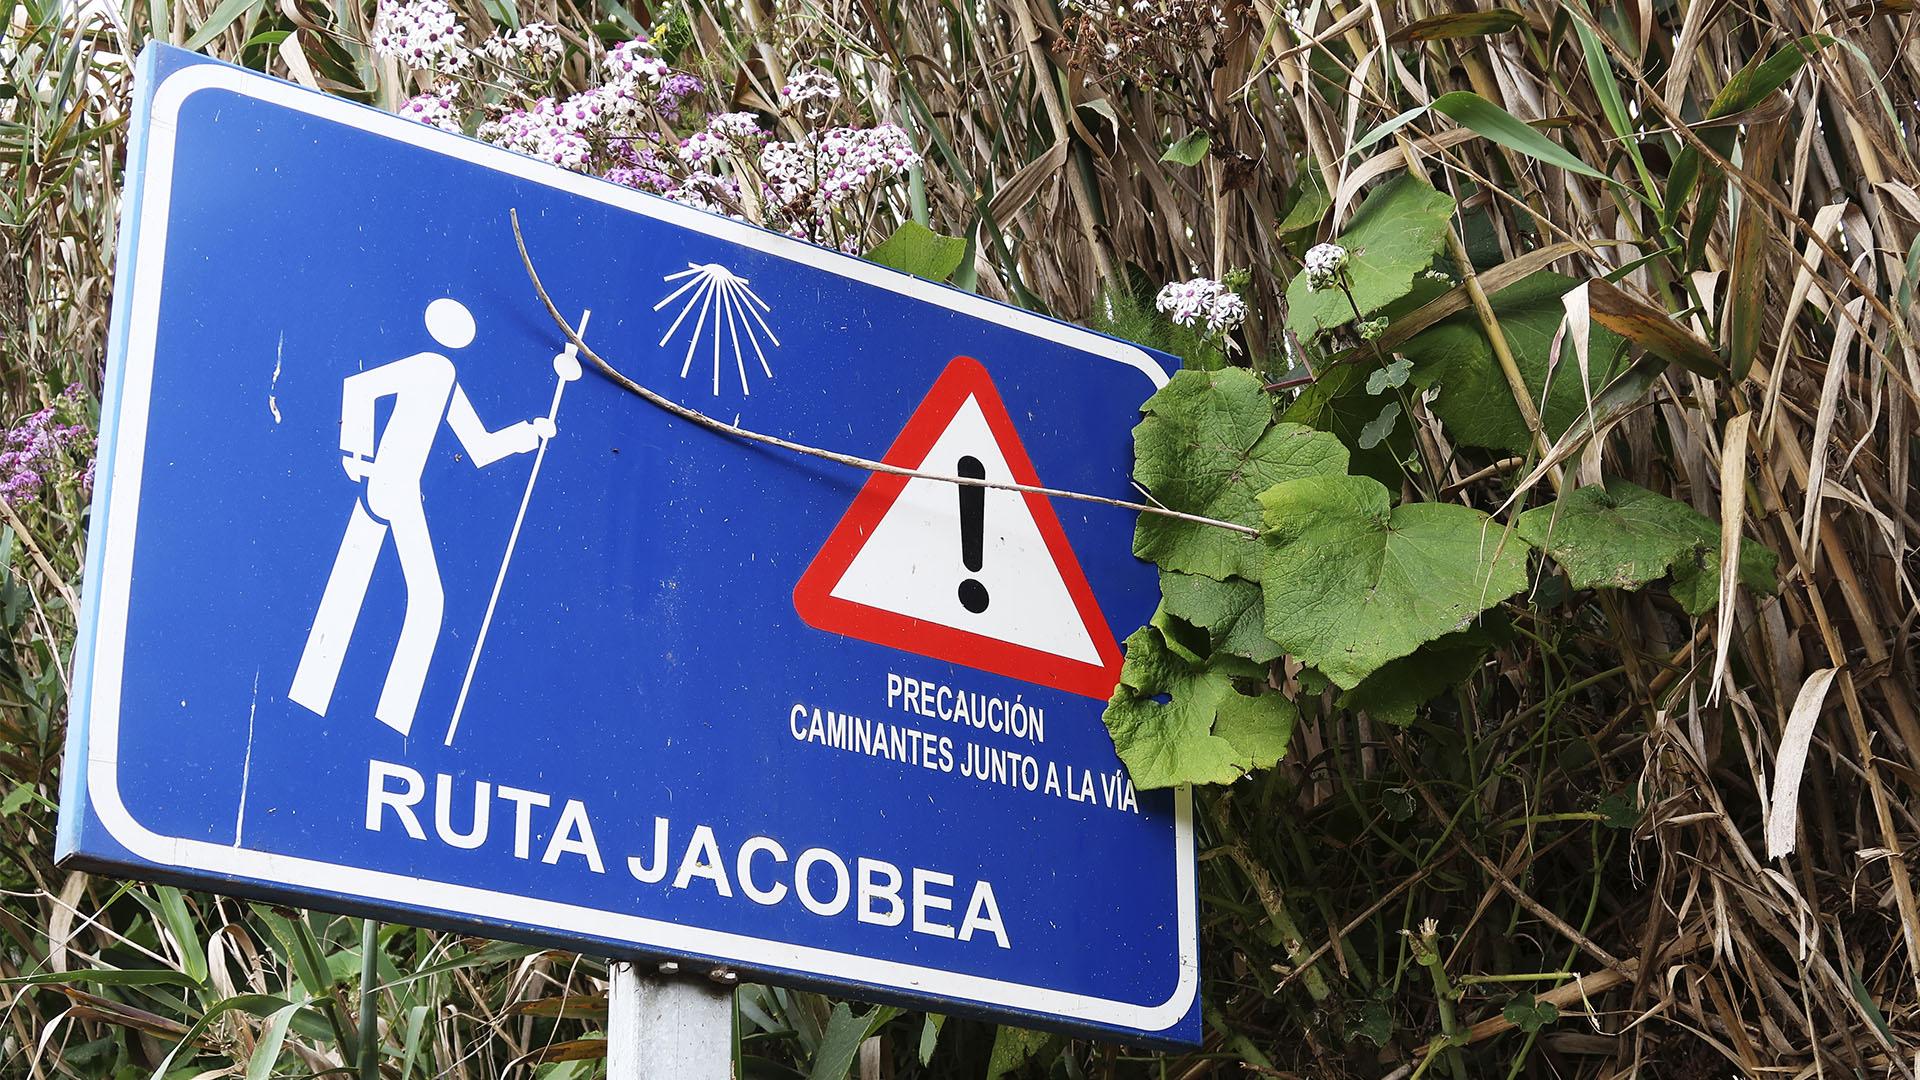 Auf Gran Canaria und Teneriffa existieren historische Zubringerwege über die Insel aus dem Spätmittelalter.